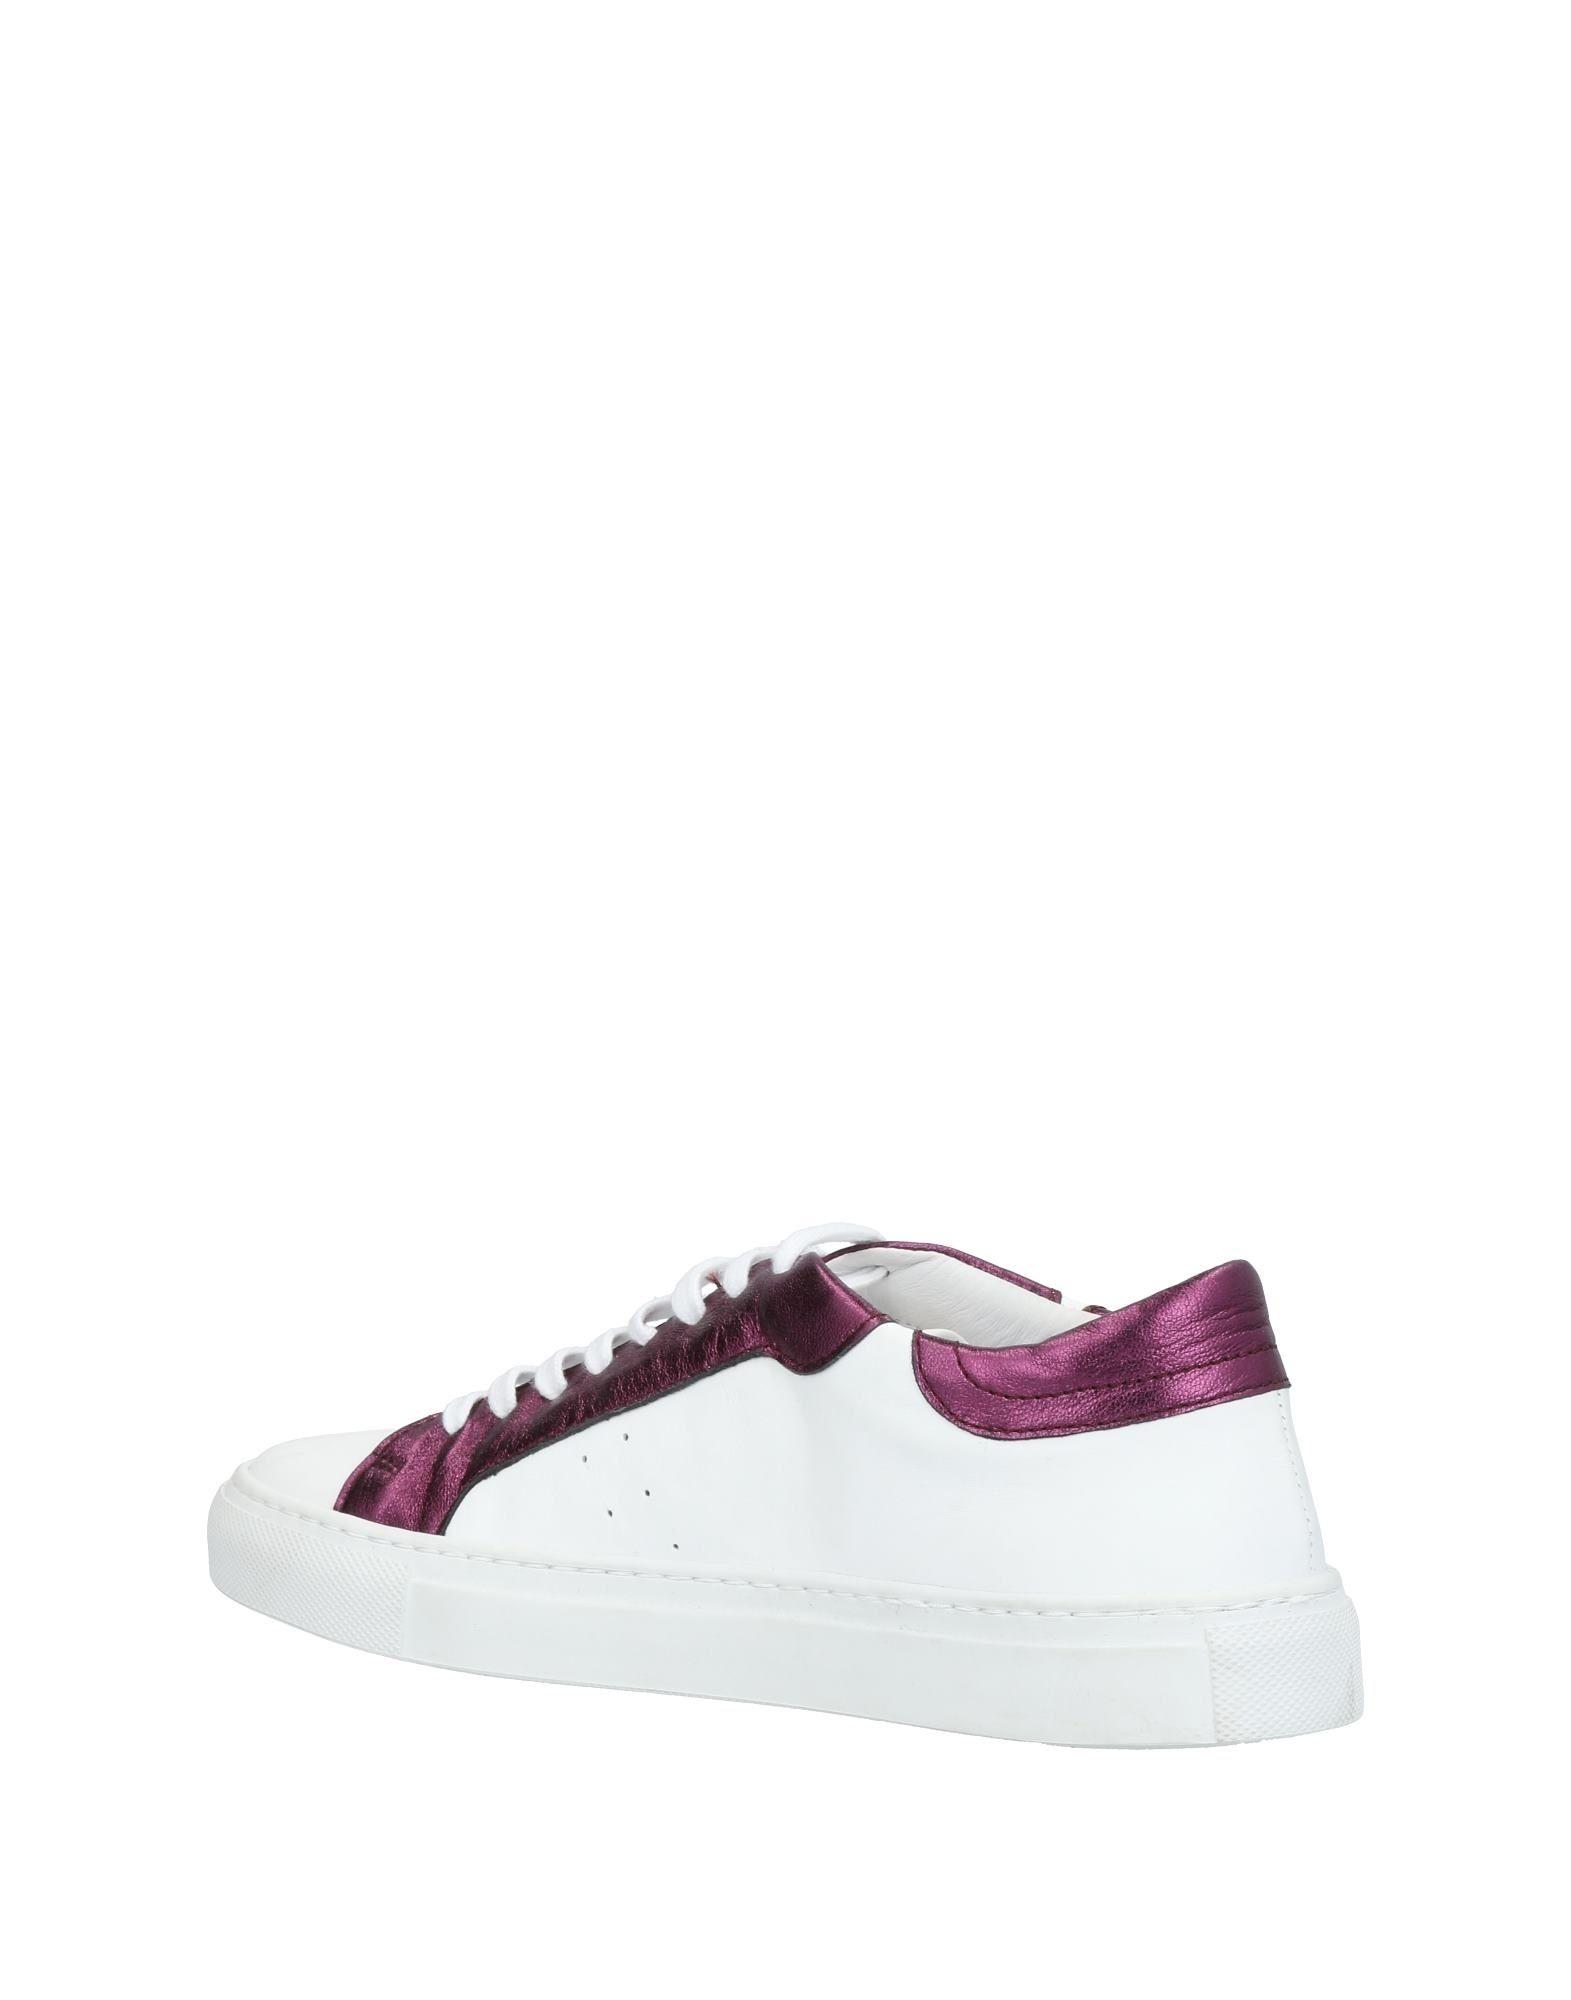 Gut um billige Schuhe Damen zu tragenPatrizia Pepe Sneakers Damen Schuhe  11456085JR 7f3288